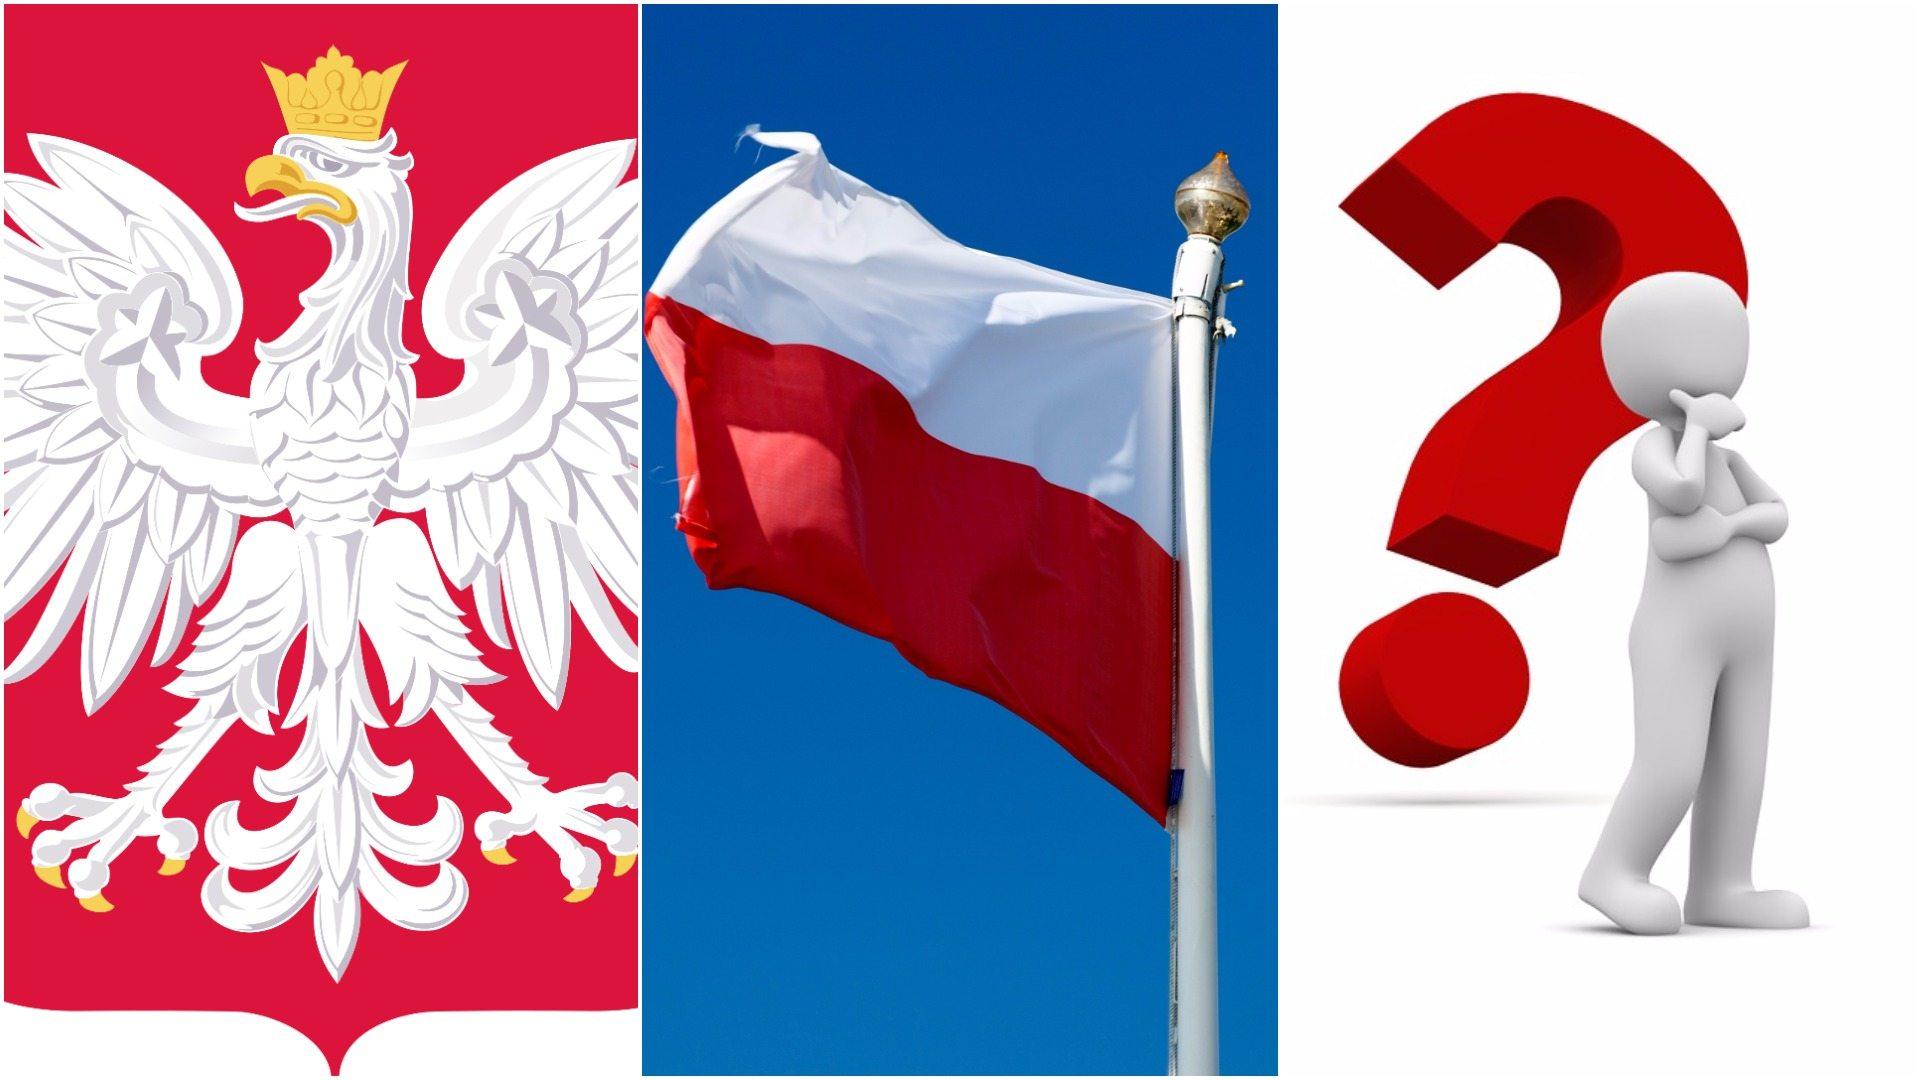 Już nie tylko flaga, godło i hymn. Polska będzie miała nowy symbol narodowy